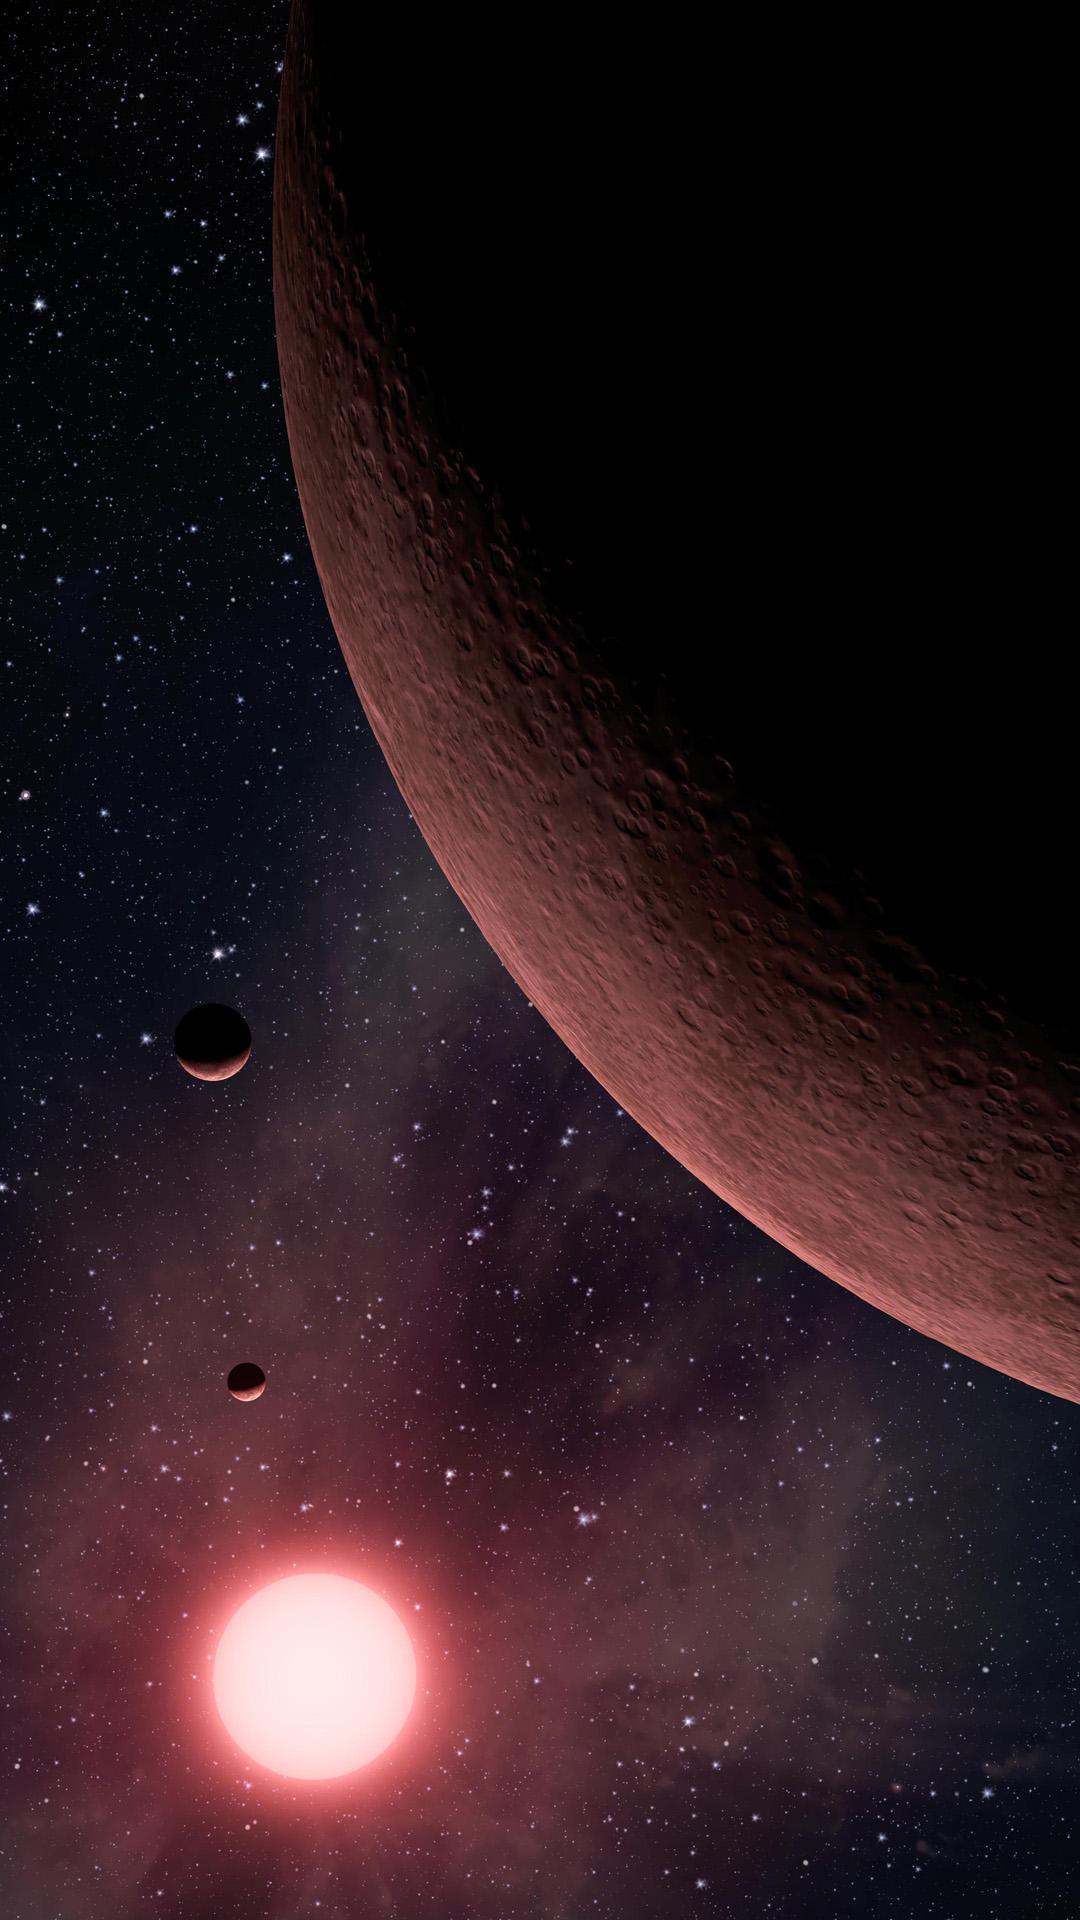 Звезда Кеплер планеты космос звезды